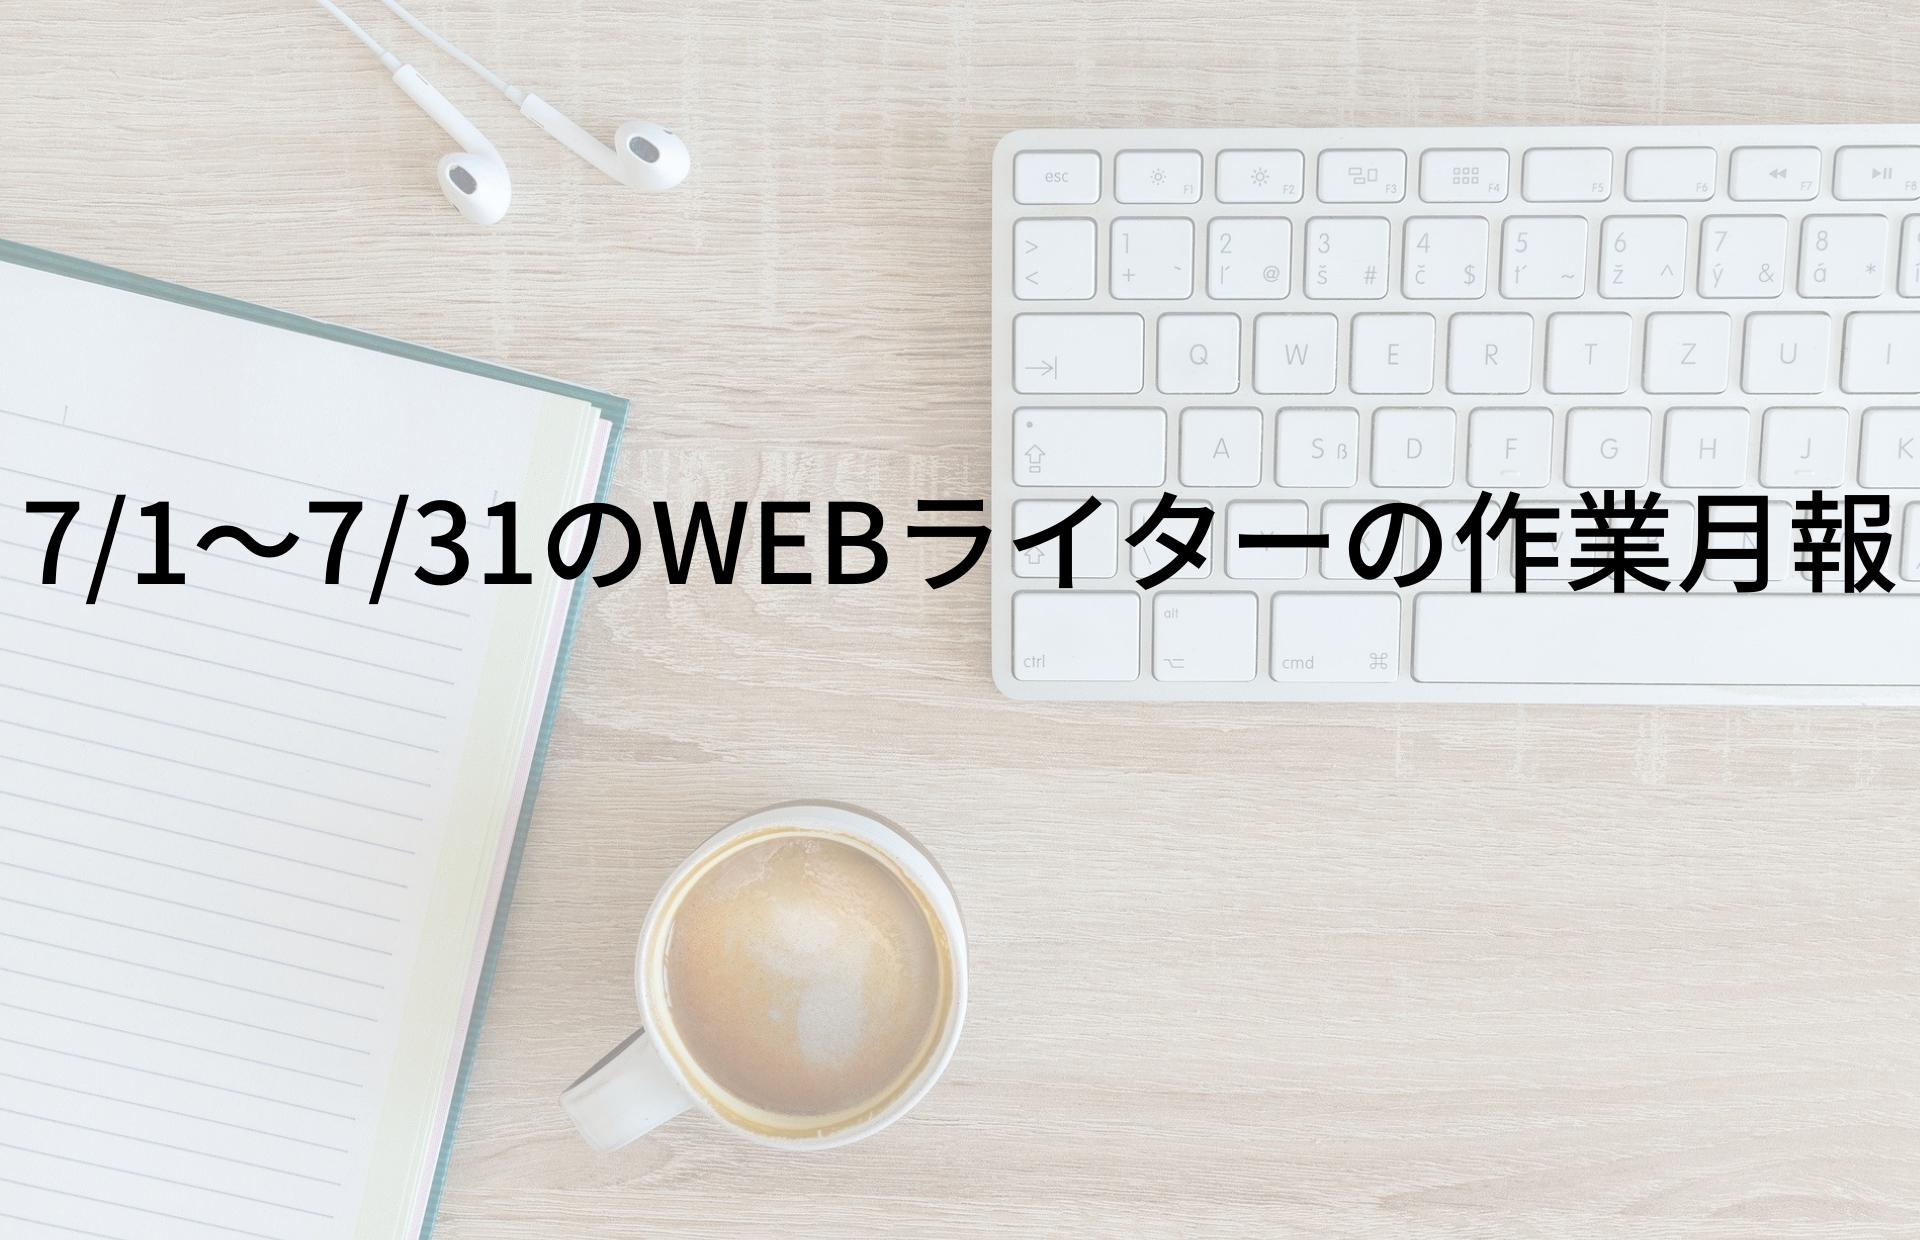 7/1~7/31のwebライターの作業月報